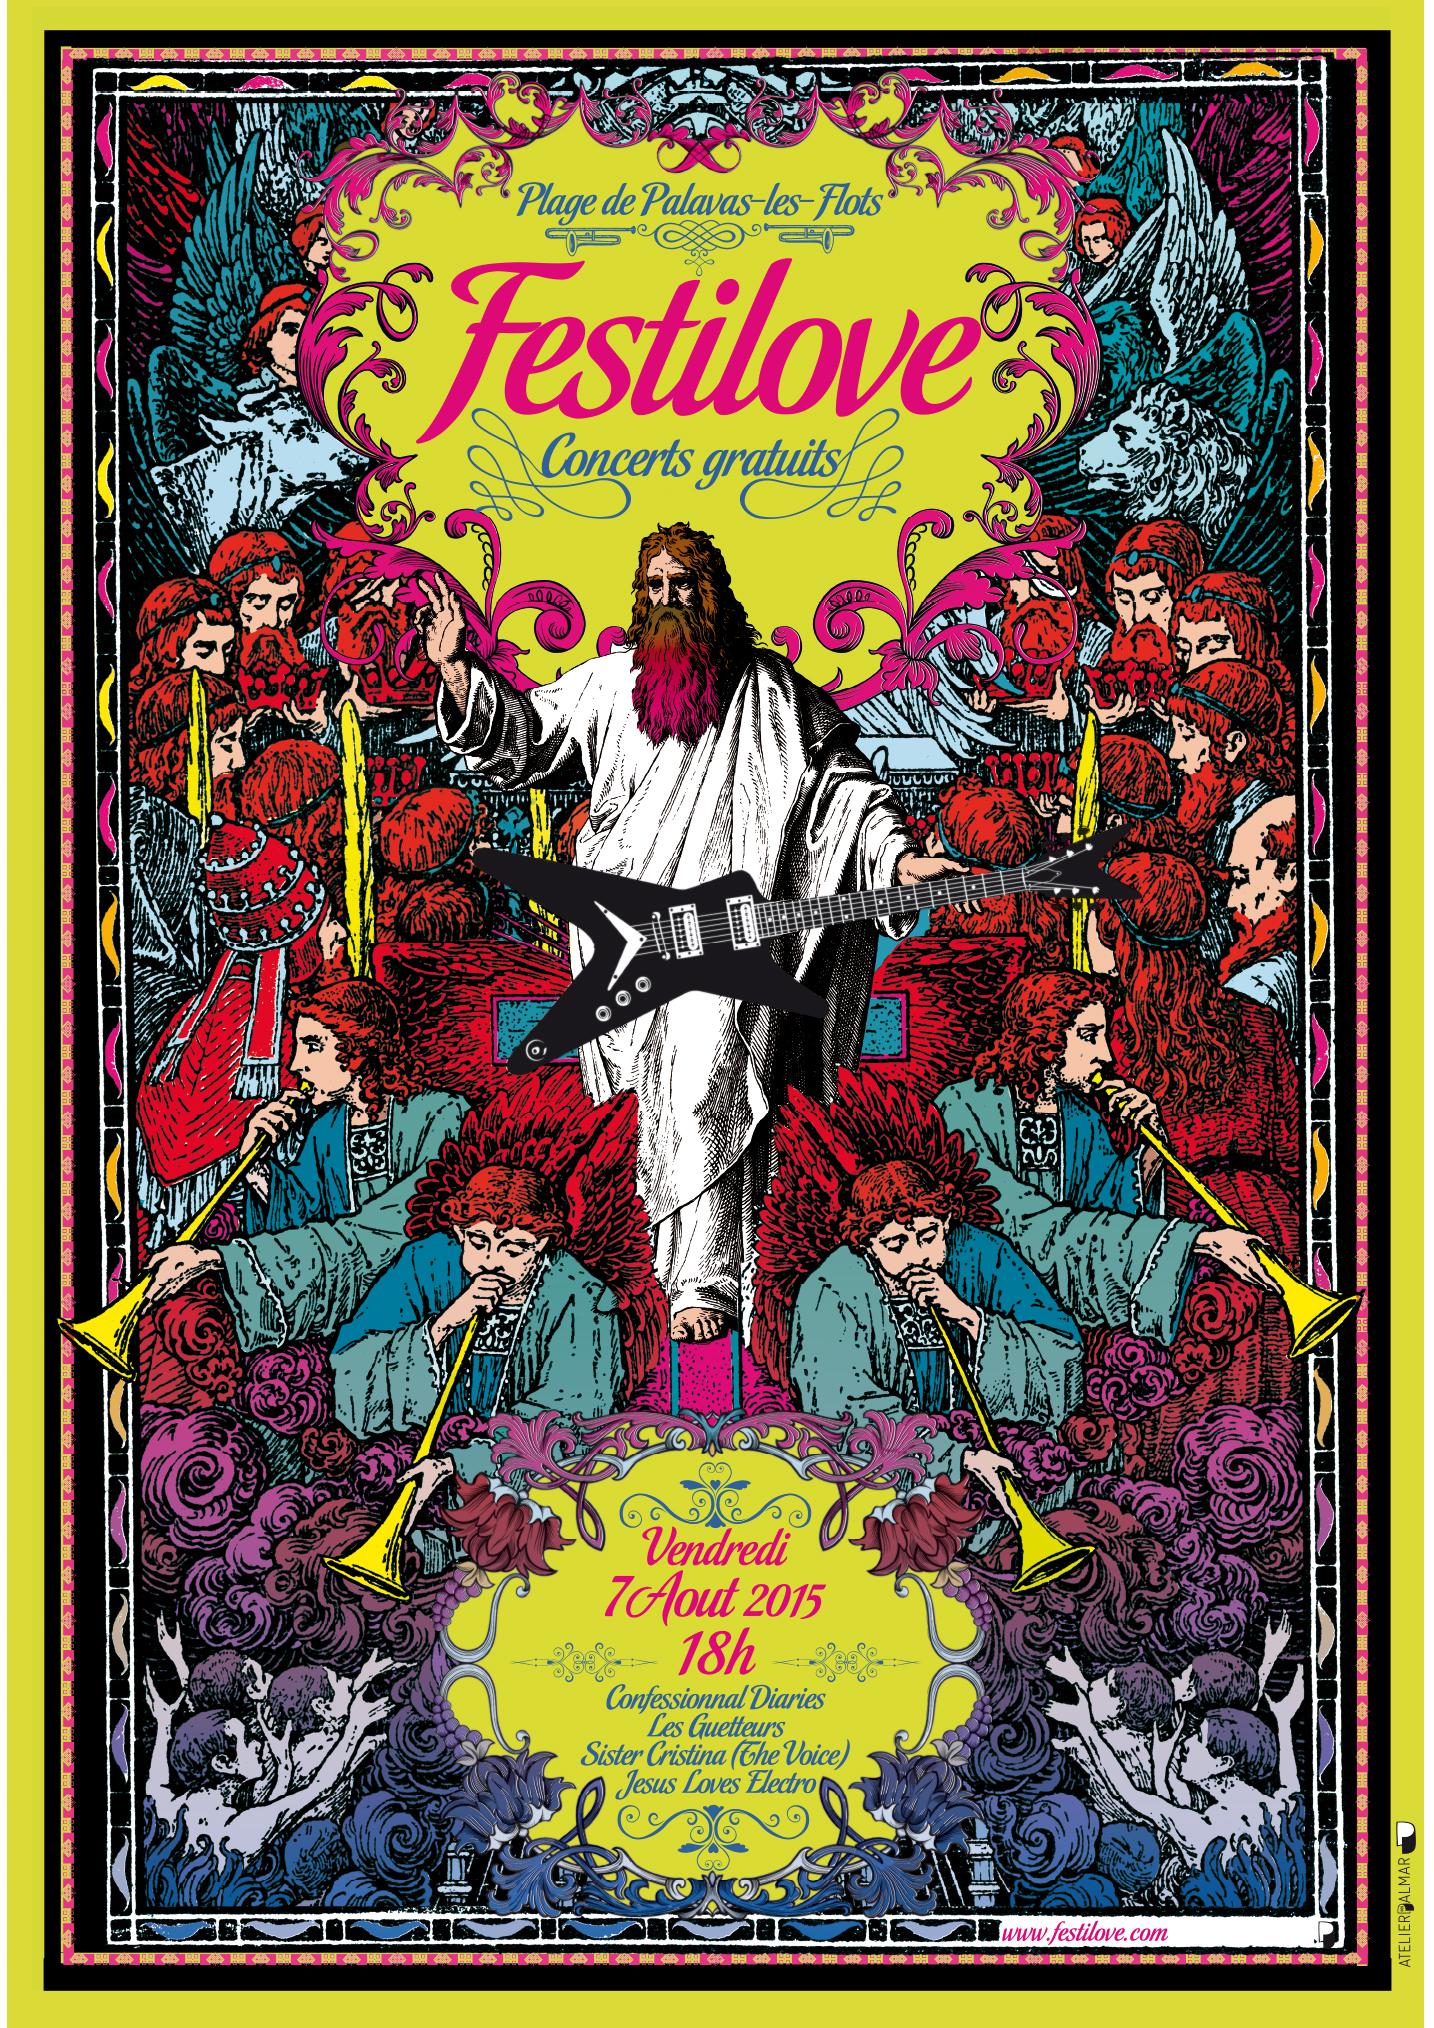 Festilove - concert